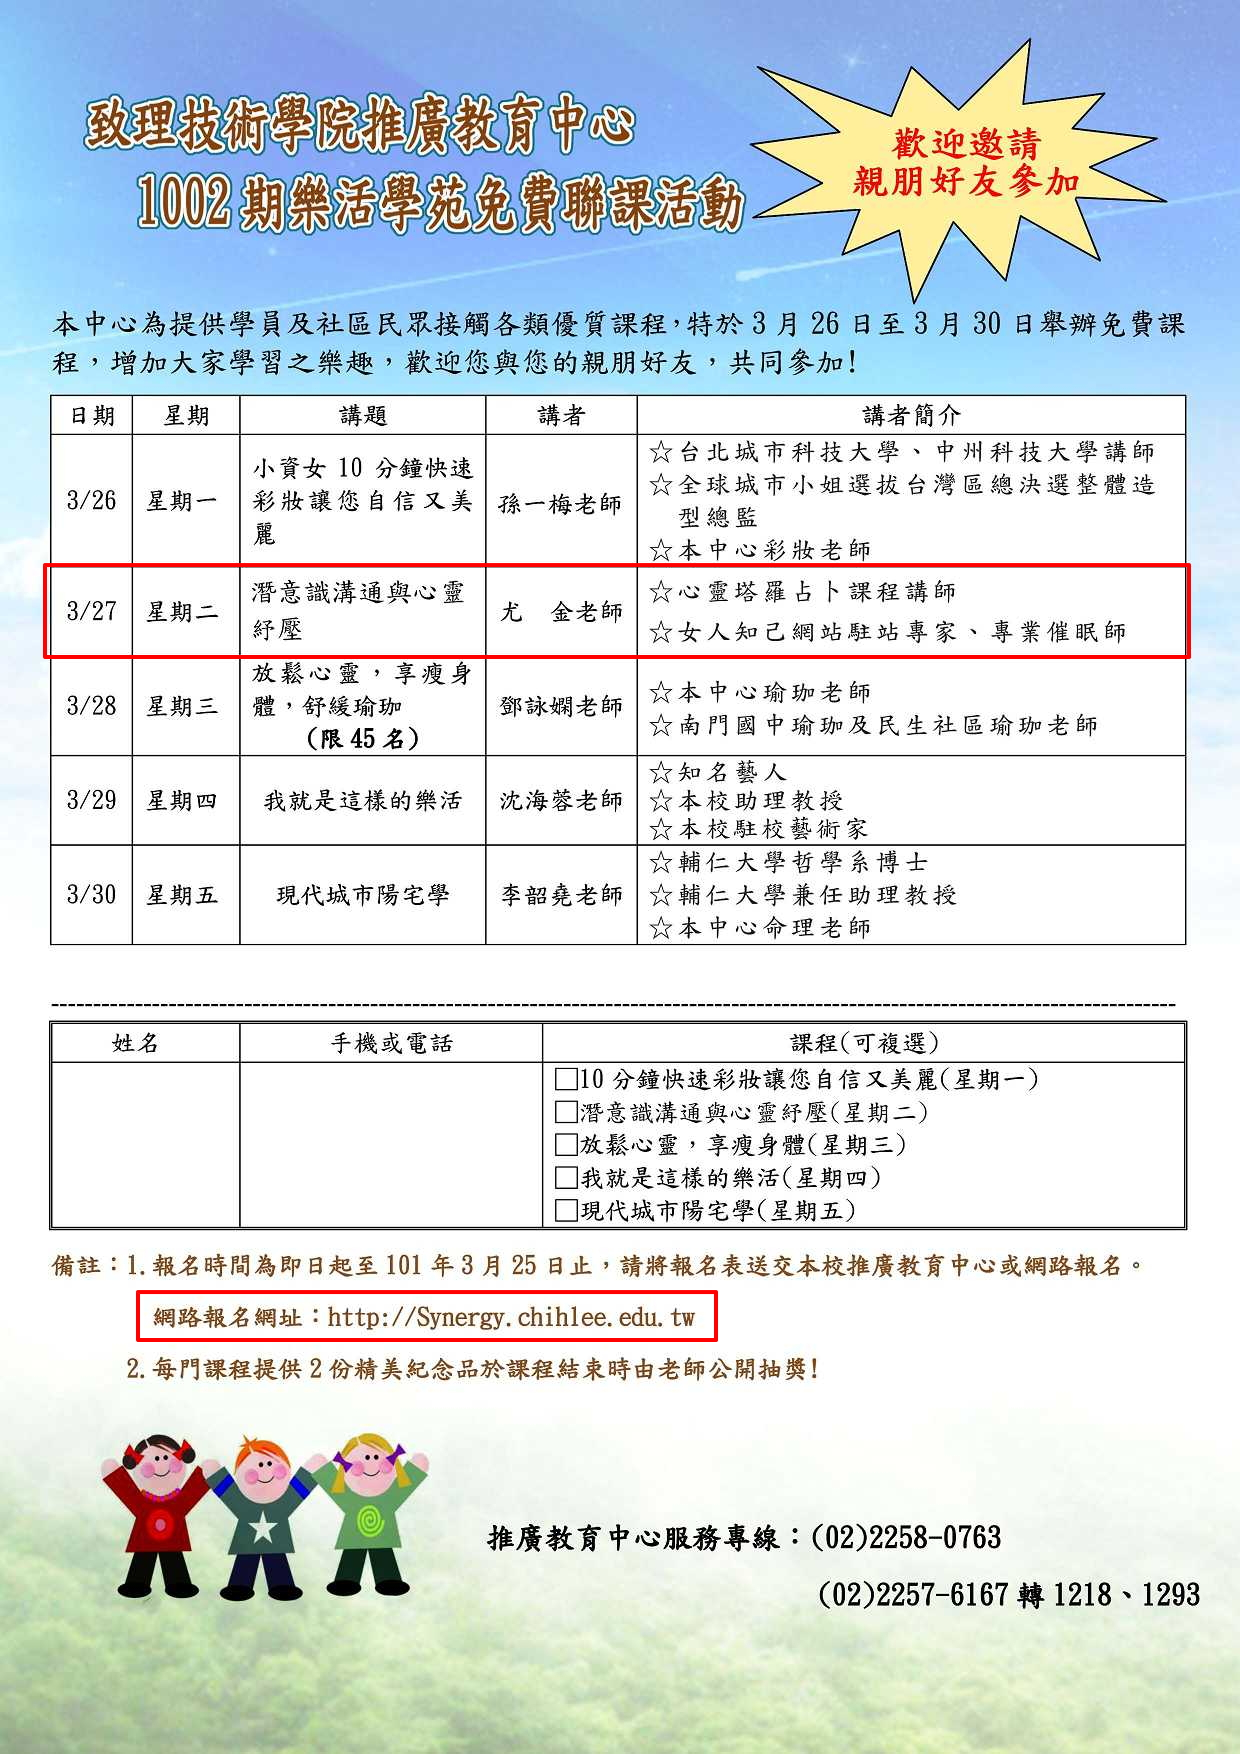 1002期樂活學苑聯課活動報名表(001)